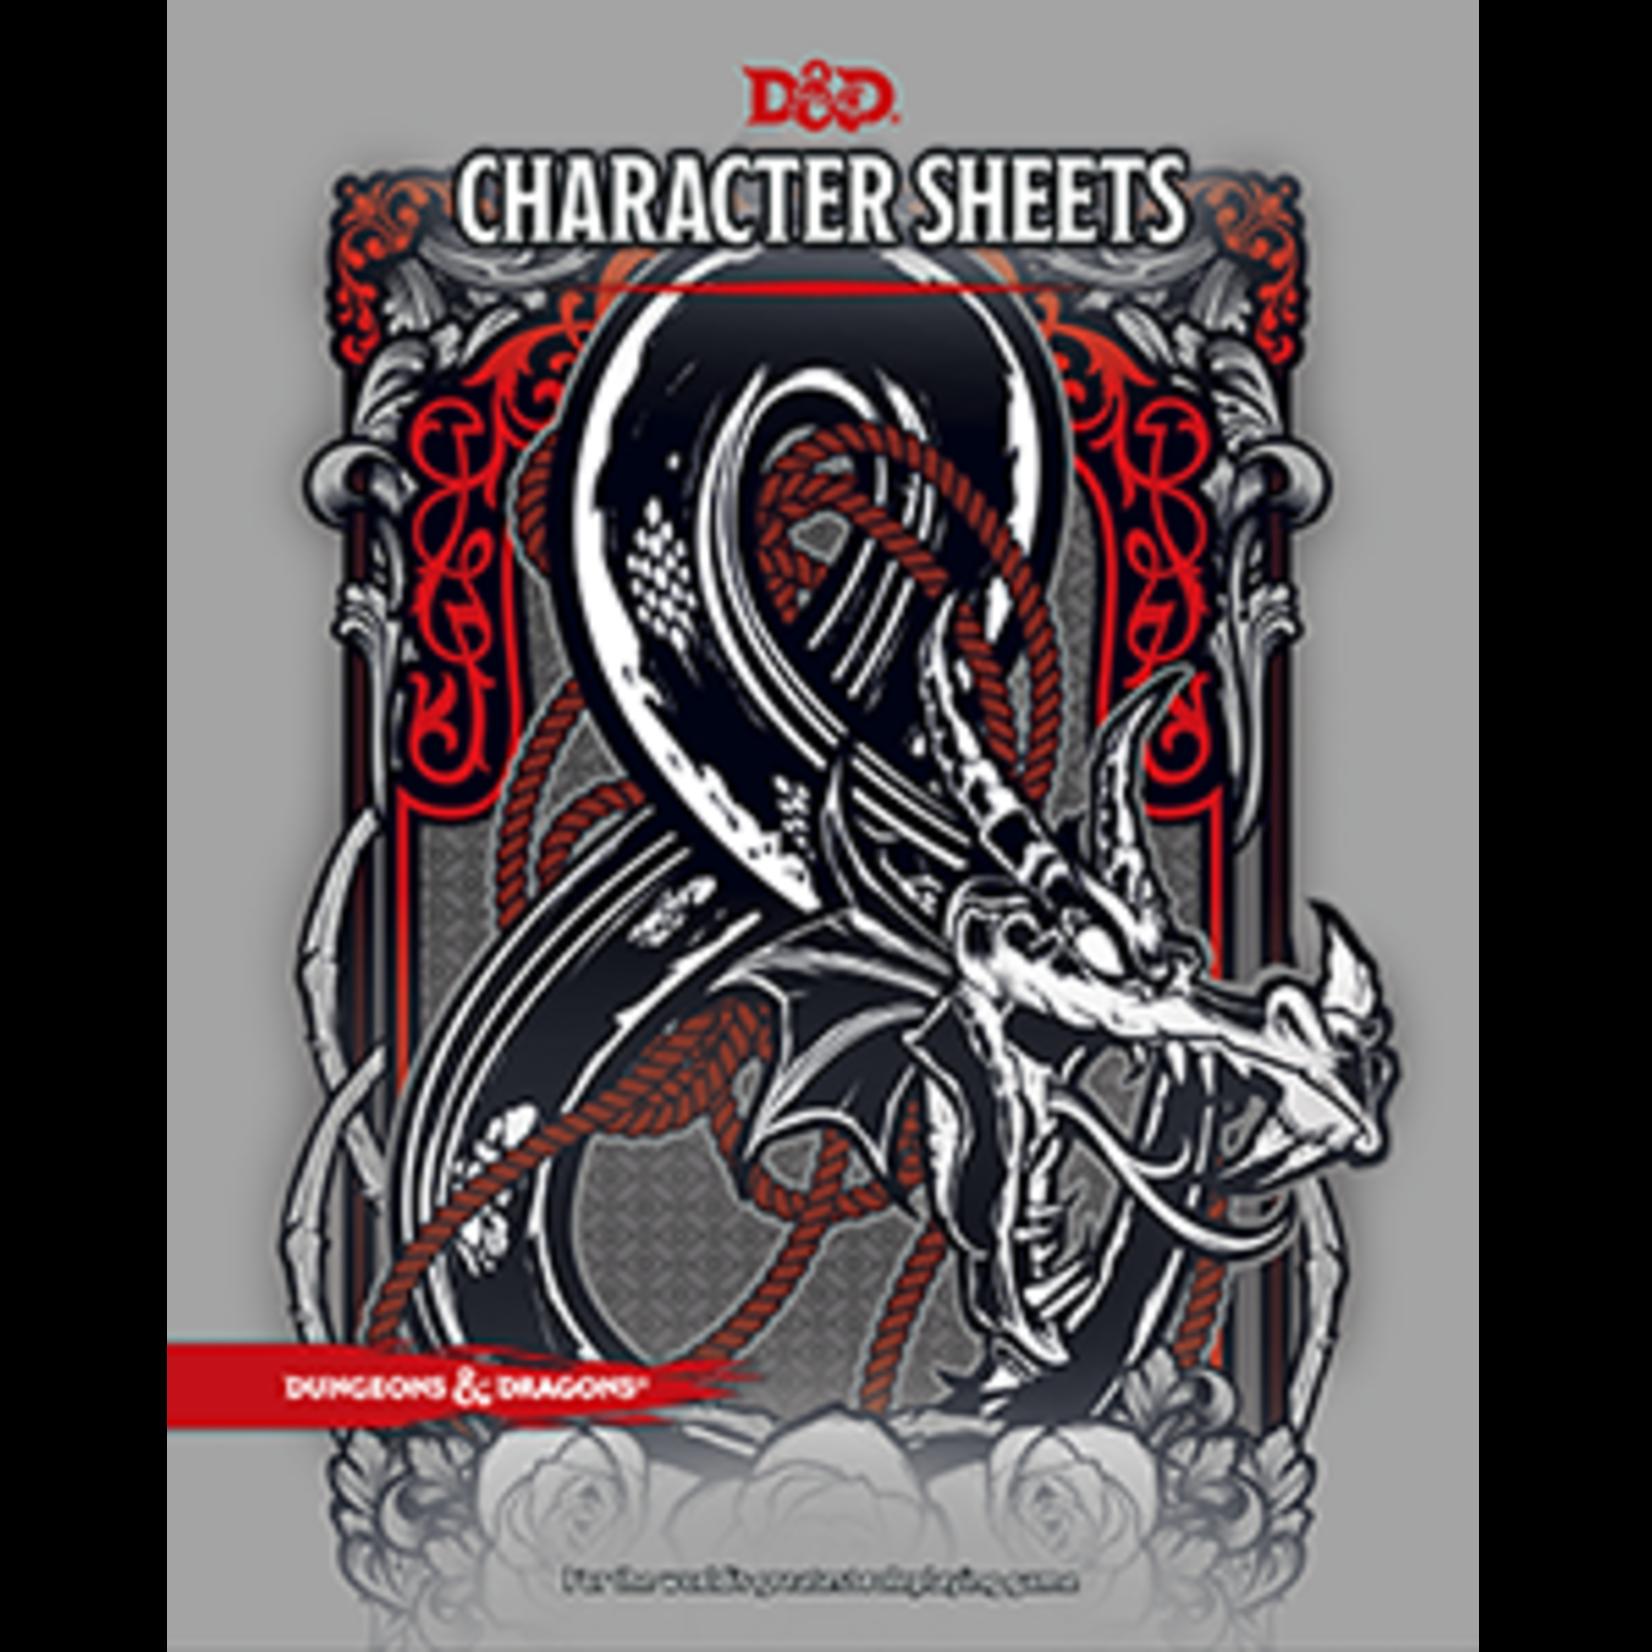 D&D: Character Sheets